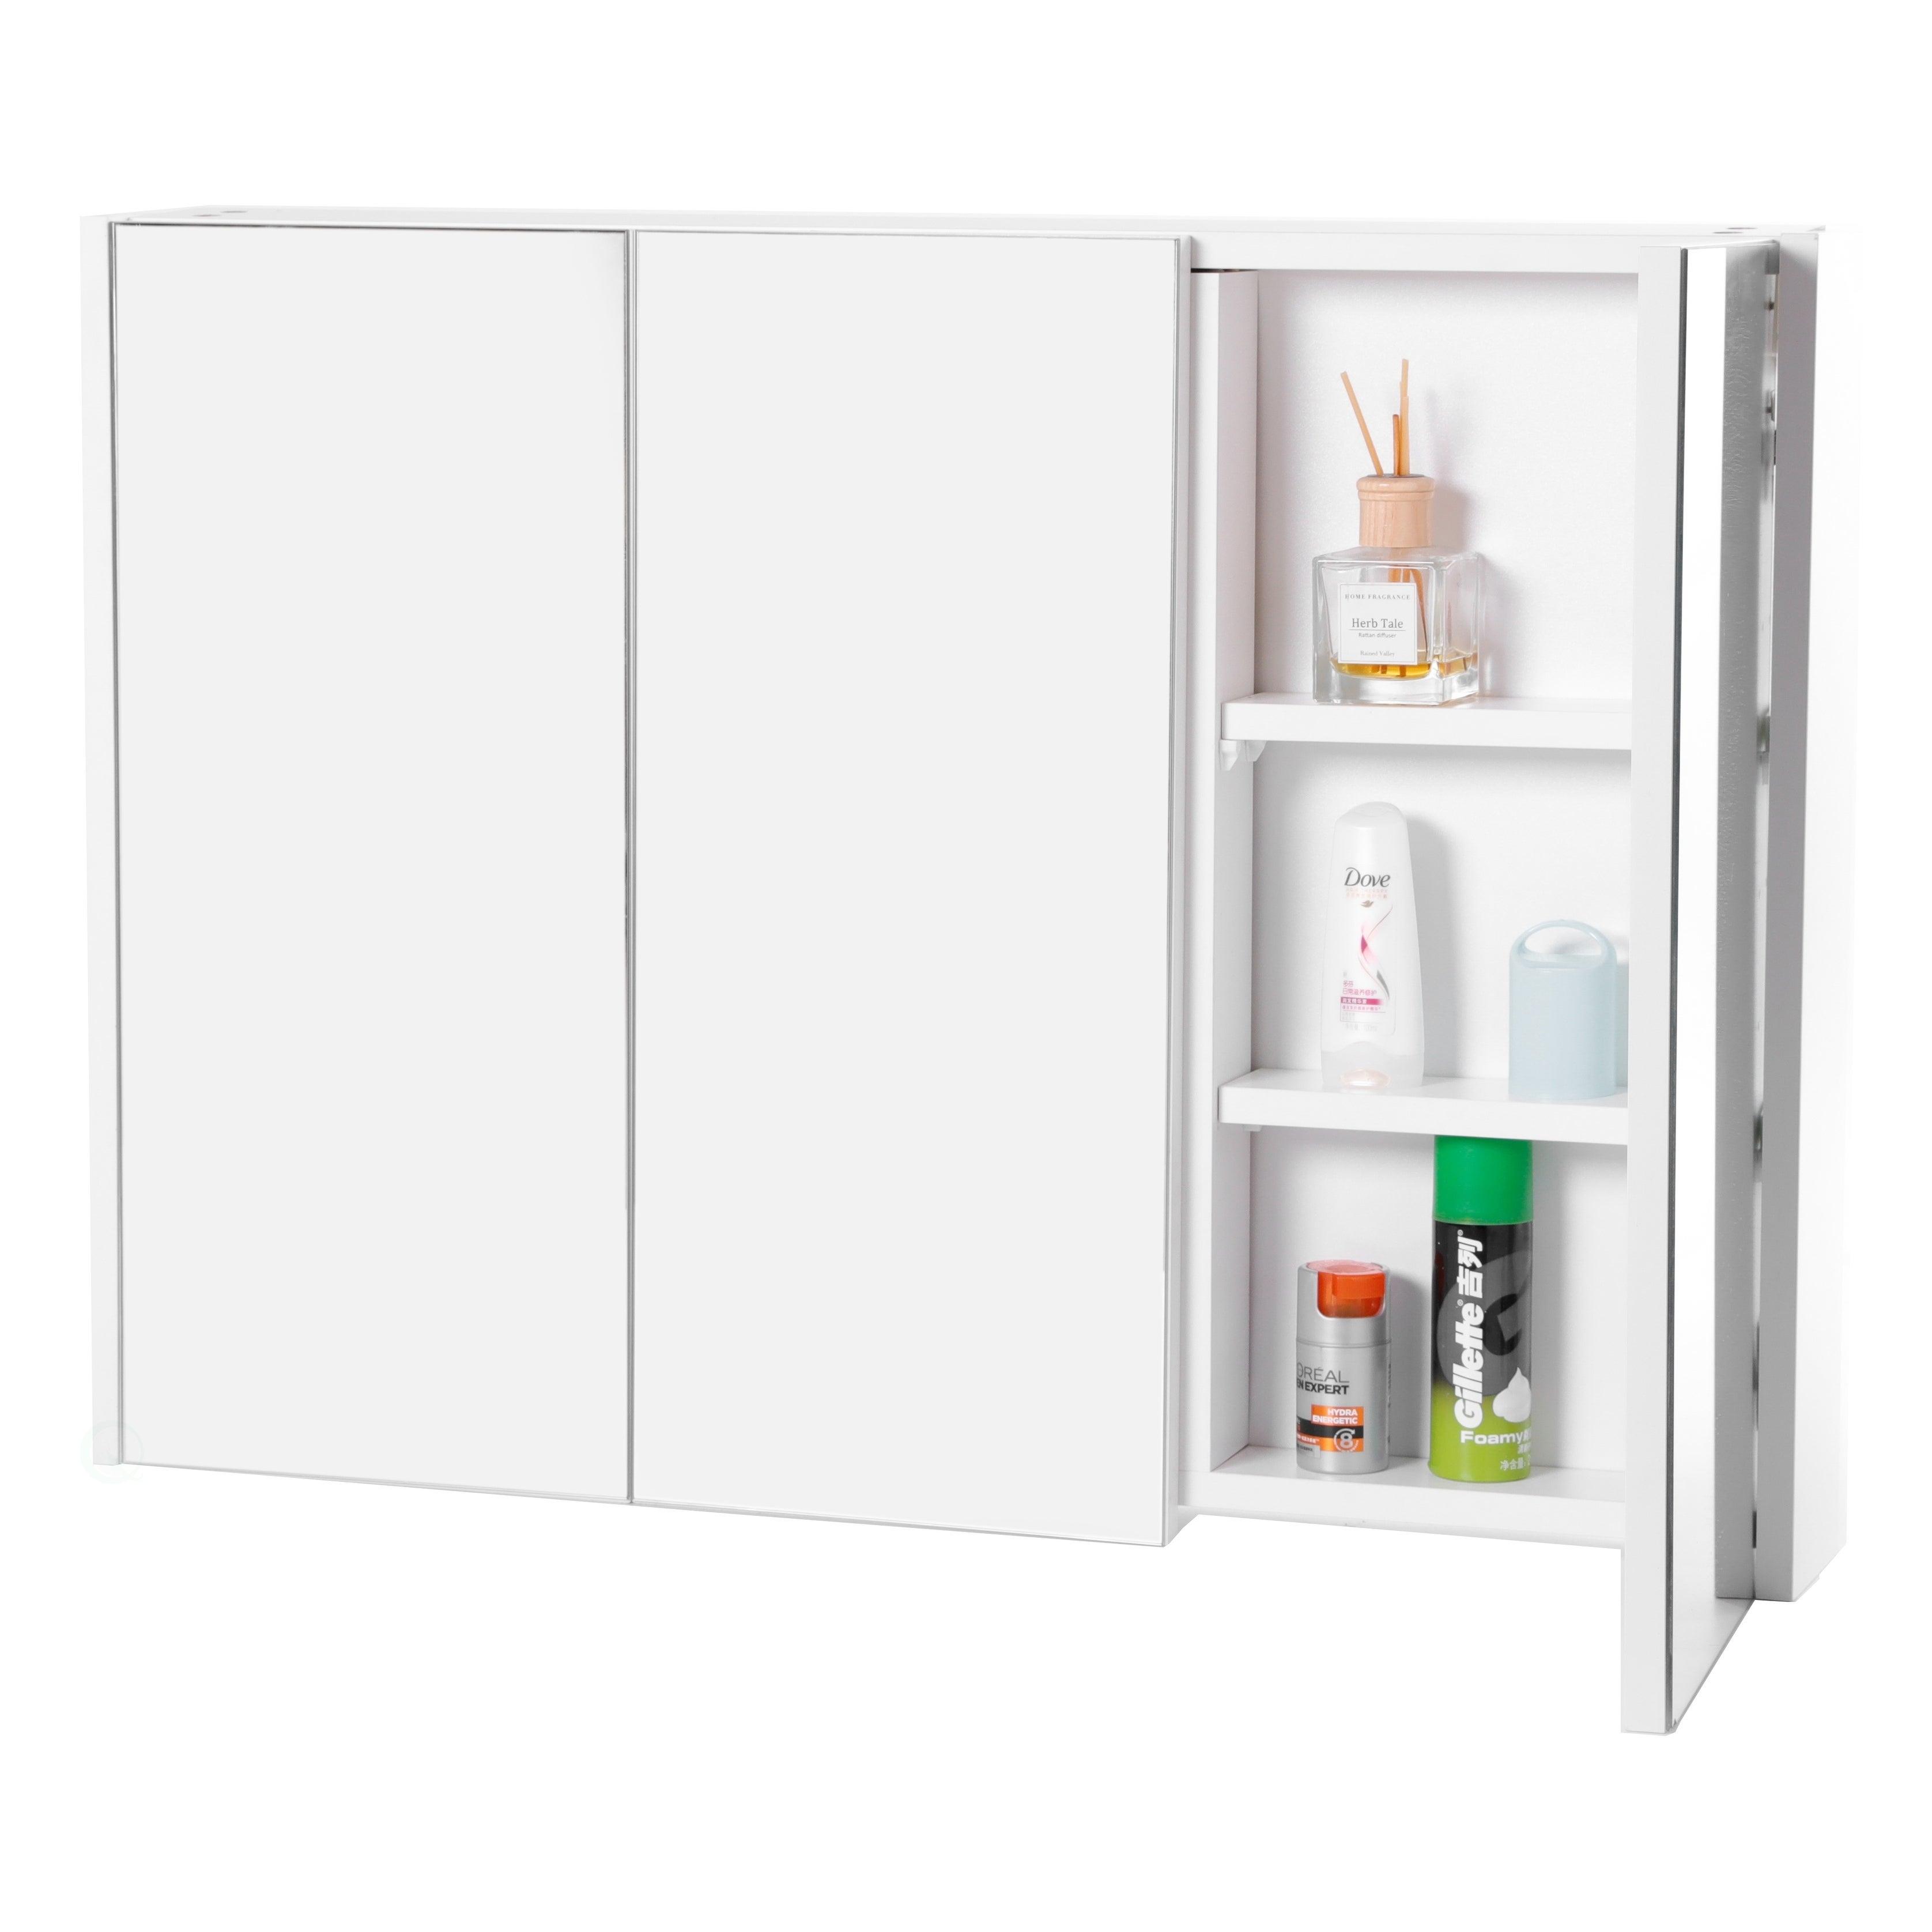 3 Shelves Wall Mounted Bathroom